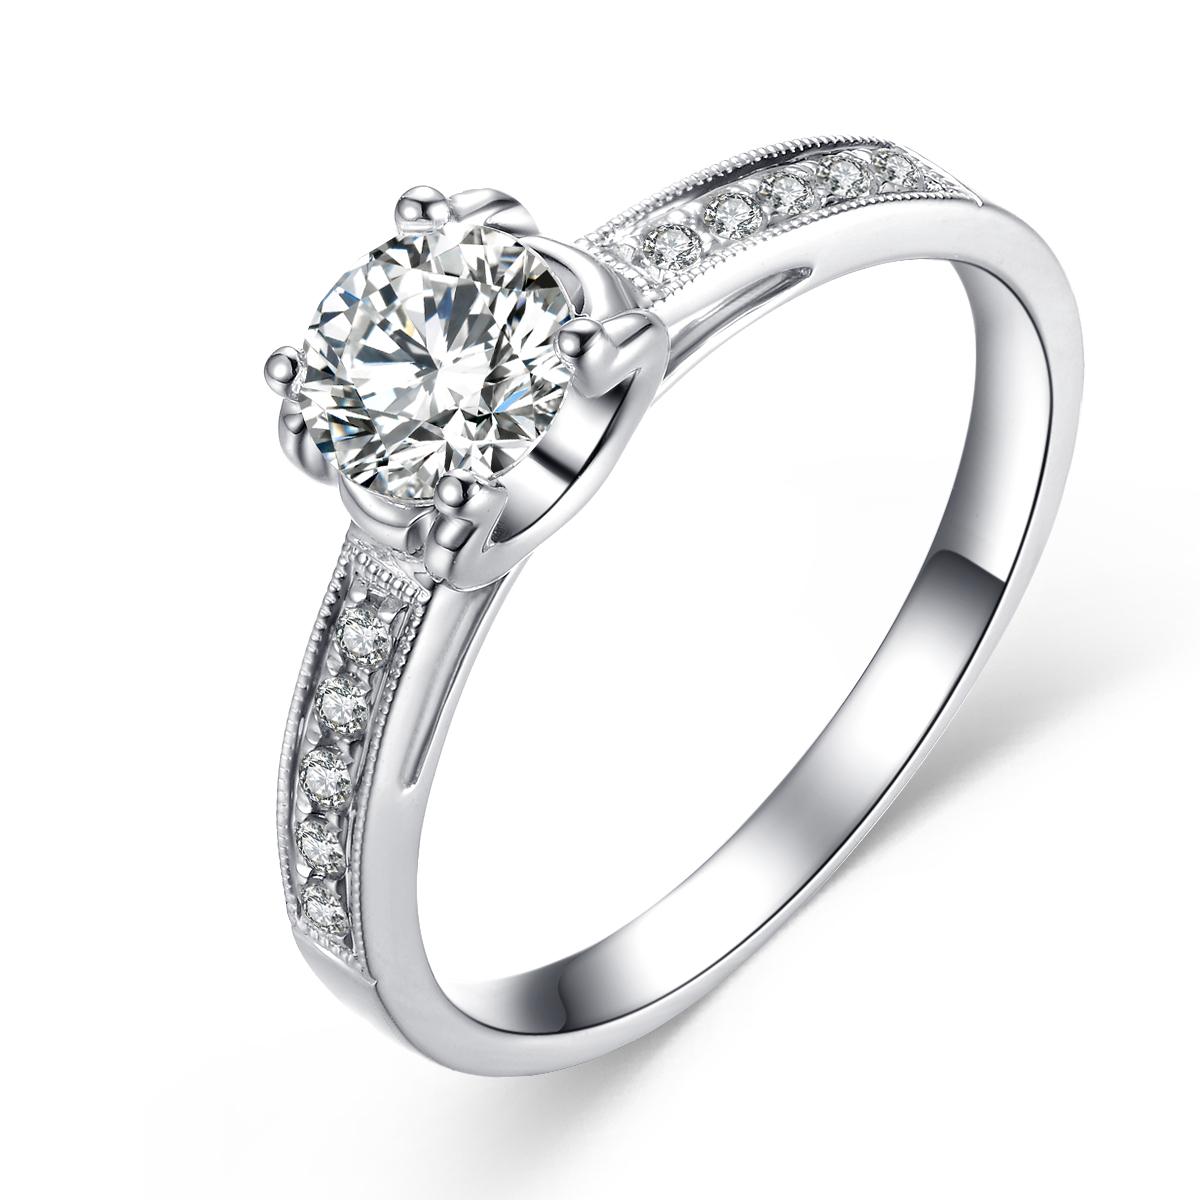 有钻石镶嵌的首饰该如何保养